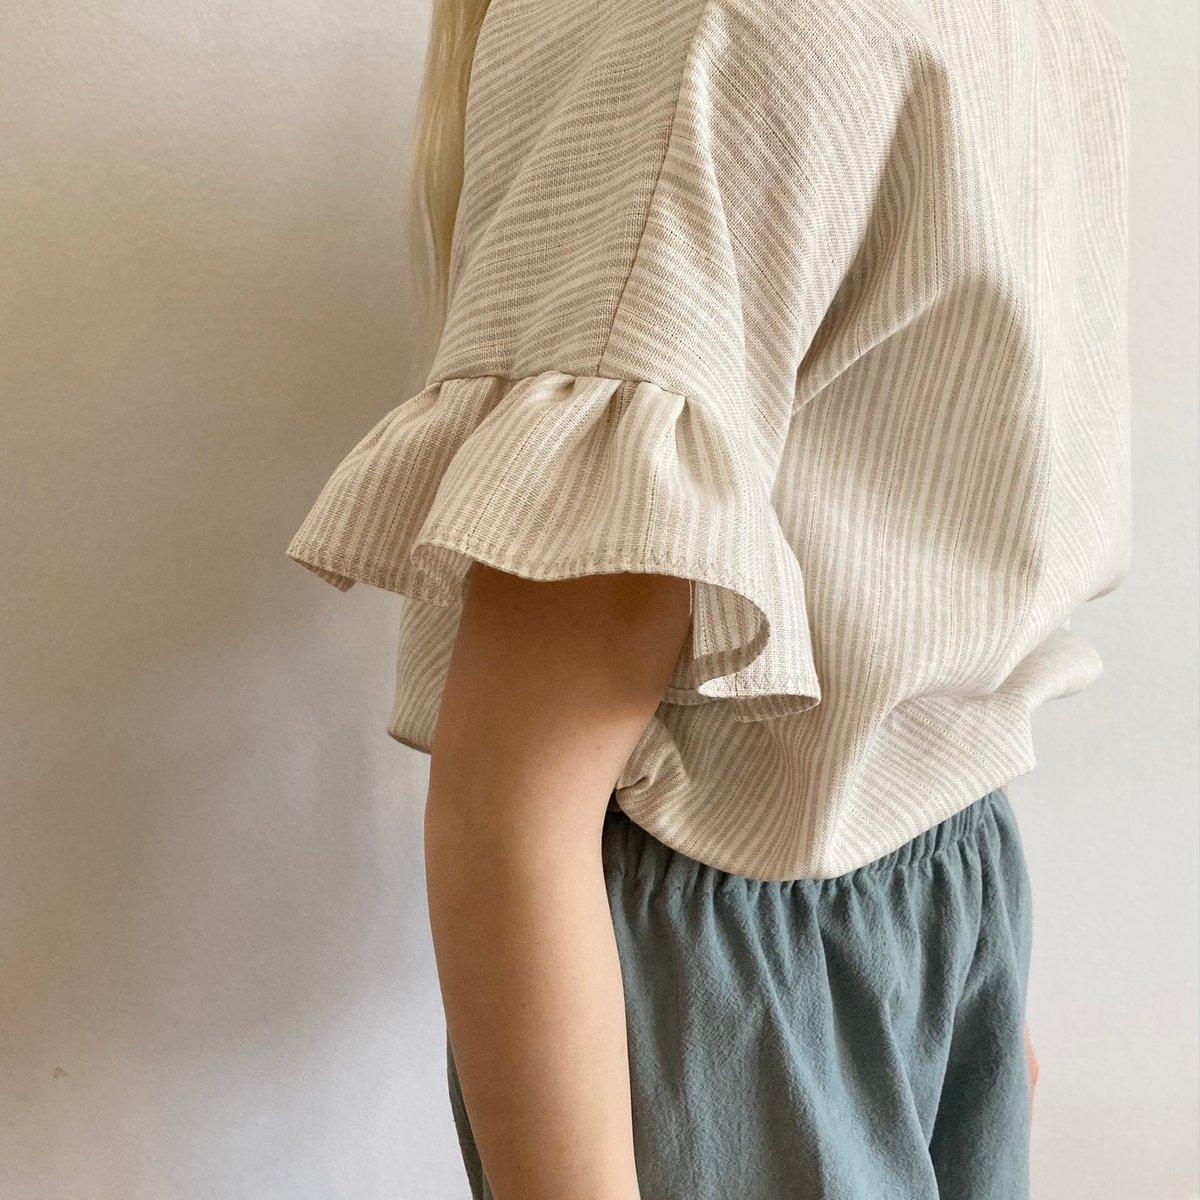 Jonna Blouse- cream linen with golden lurex